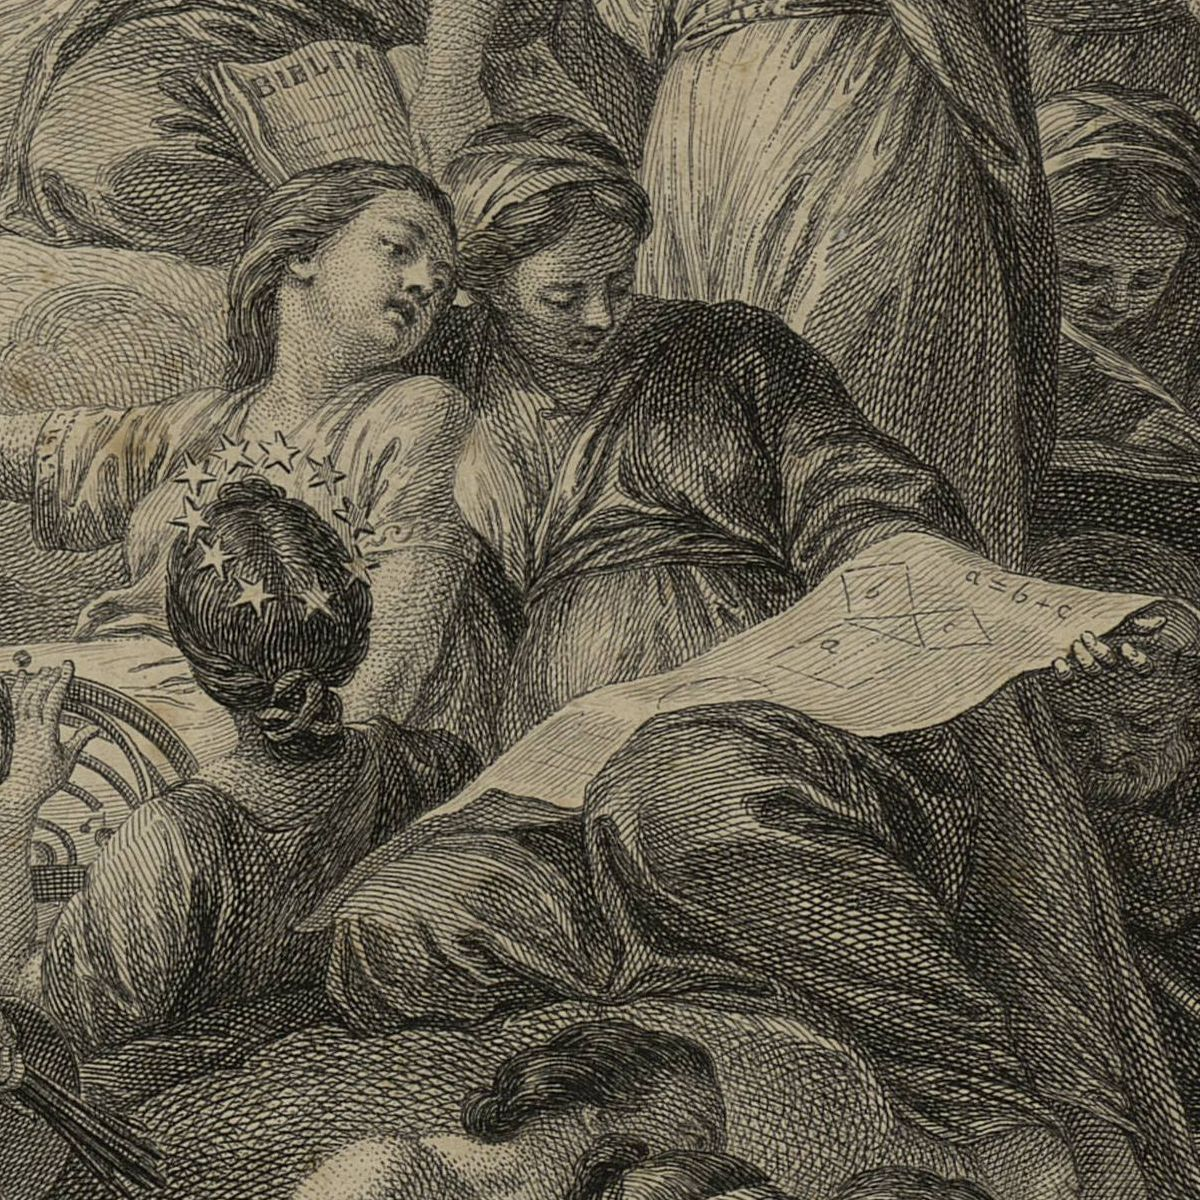 Bibliothèque Mazarine, 2° 3442 volume 1/1